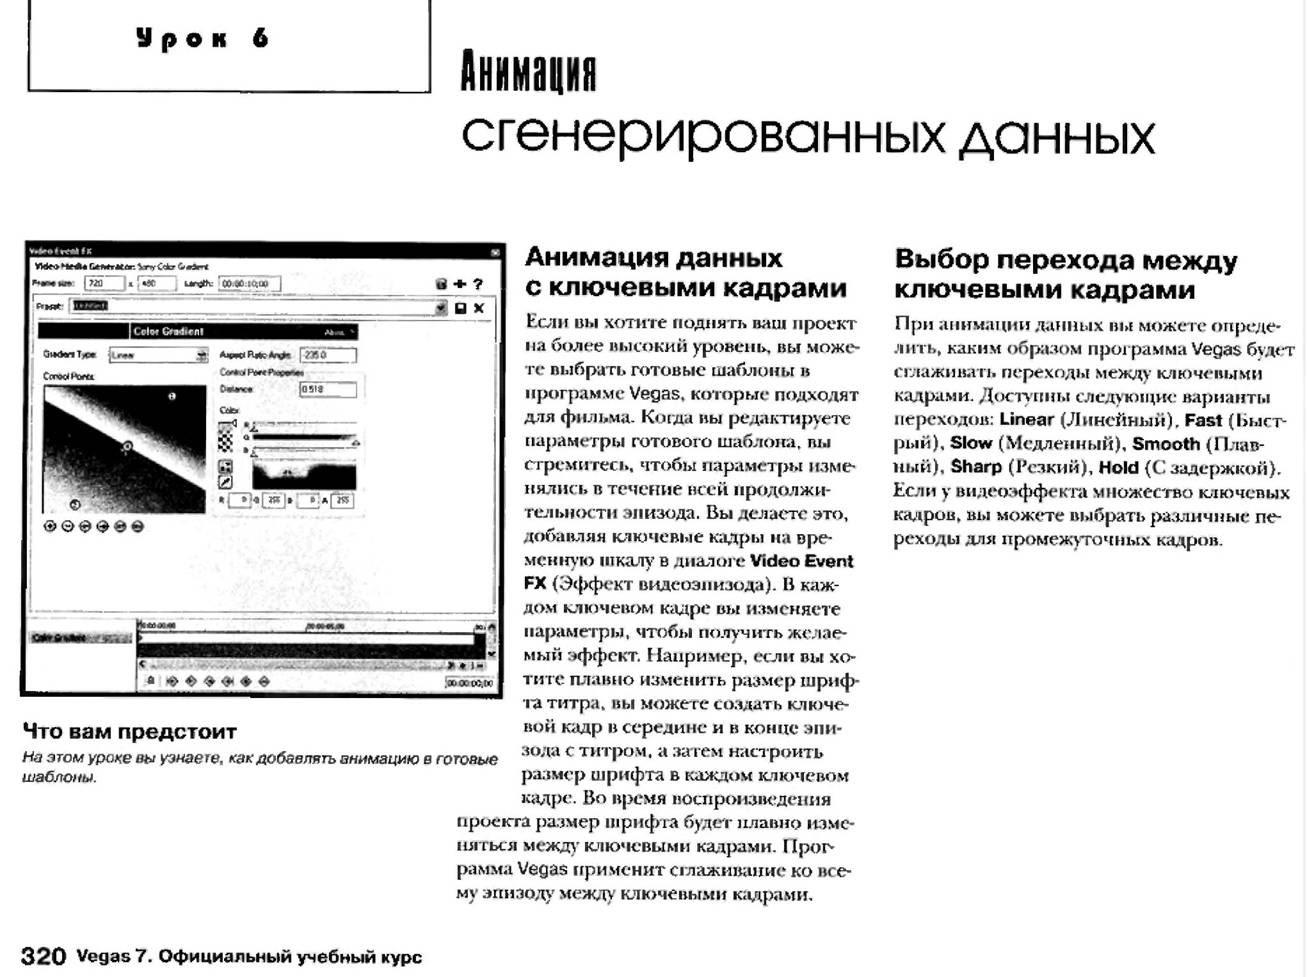 http://redaktori-uroki.3dn.ru/_ph/12/622684759.jpg